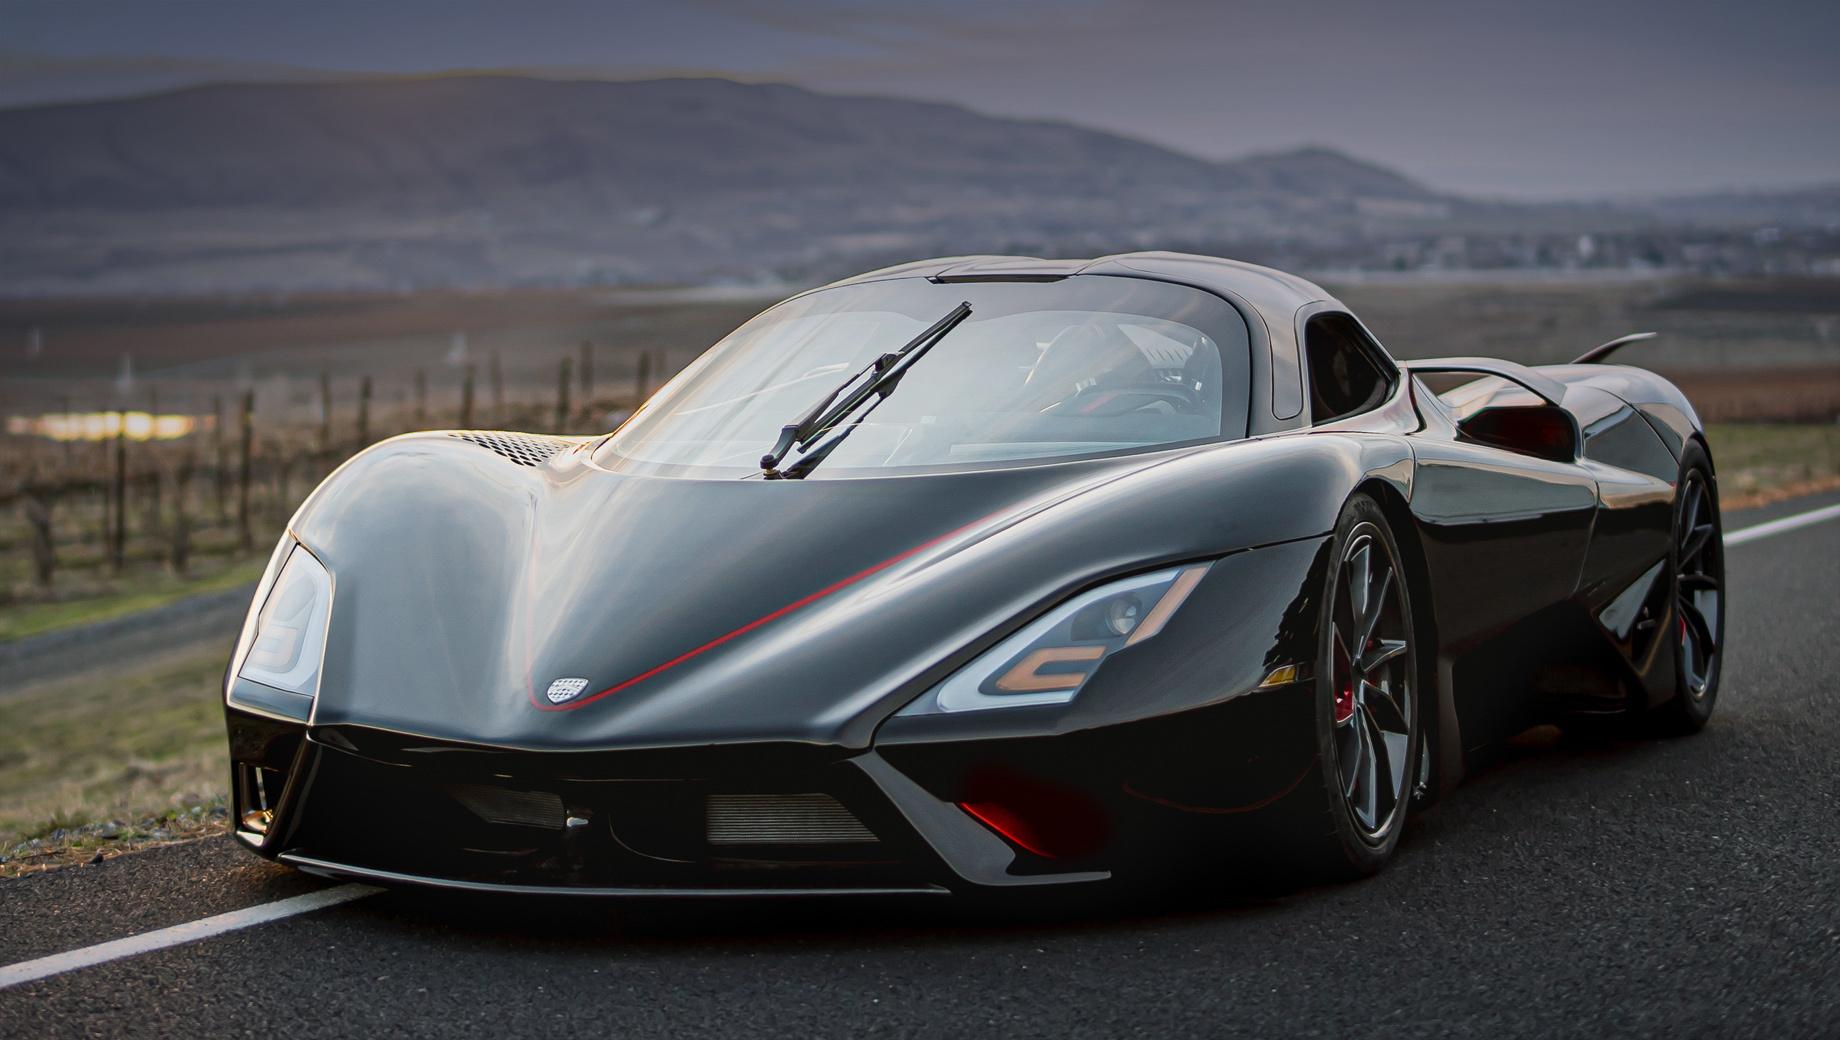 Ssc tuatara. Дизайн Джейсона Кастриоты, который работал над проектами Maserati GranTurismo, Ferrari P4/5 Pininfarina или 599 GTB Fiorano, с момента появления концепта остался почти нетронутым. Длина, ширина, высота купе — 4633×2065×1067 мм, колёсная база — 2672 мм.